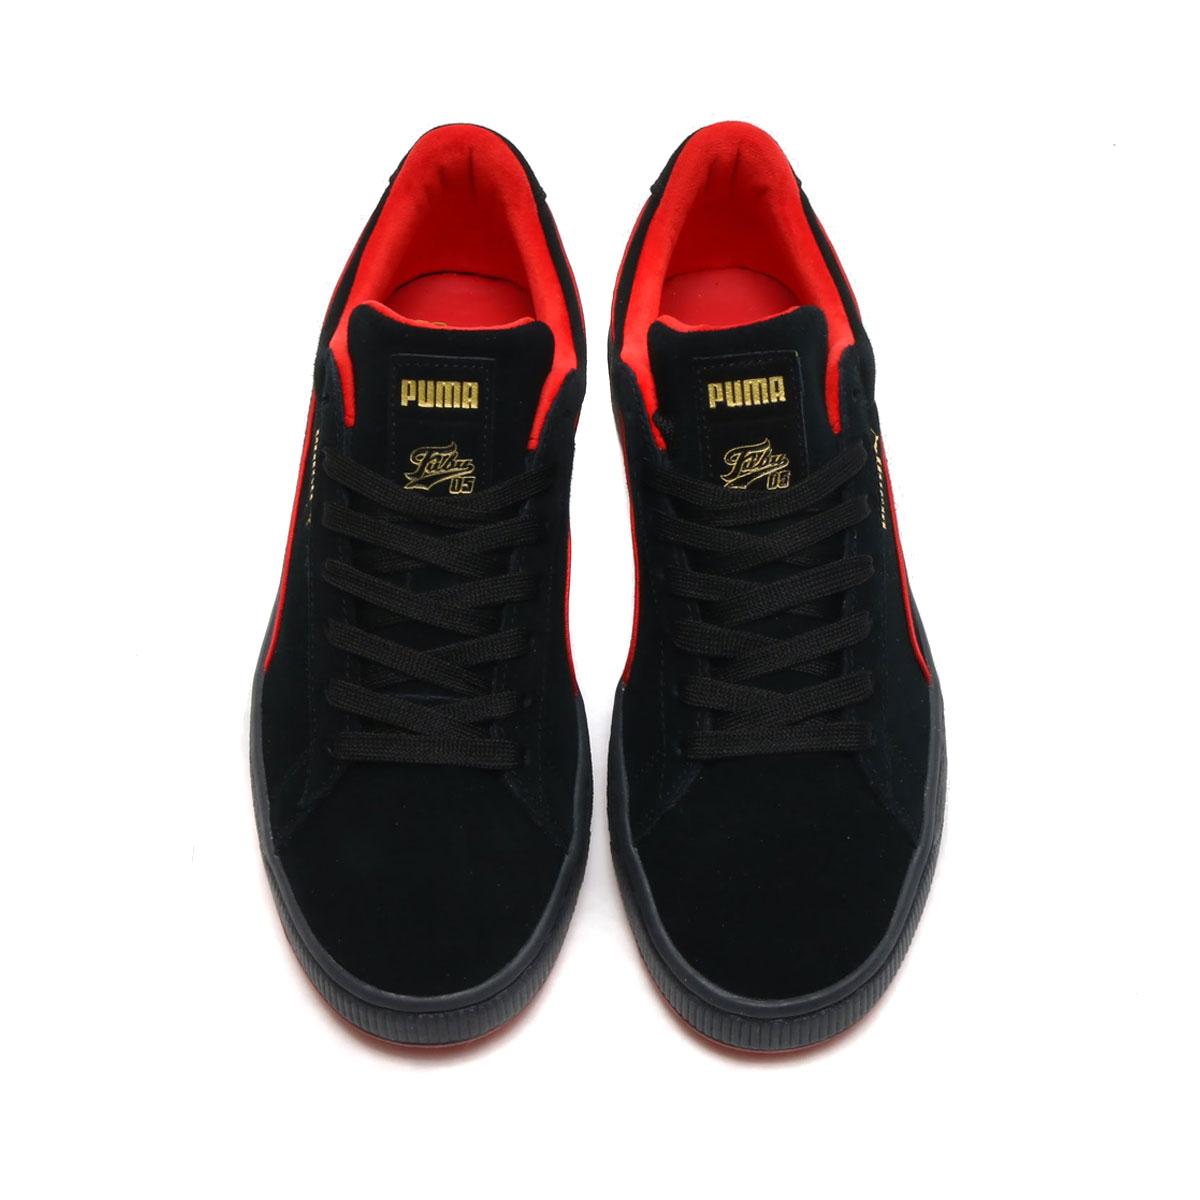 4e6bfa83c09aaf PUMA SUEDE CLASSIC X FUBU (Puma suede classical music X フブ) Puma Black-High  Risk Red 18SP-I